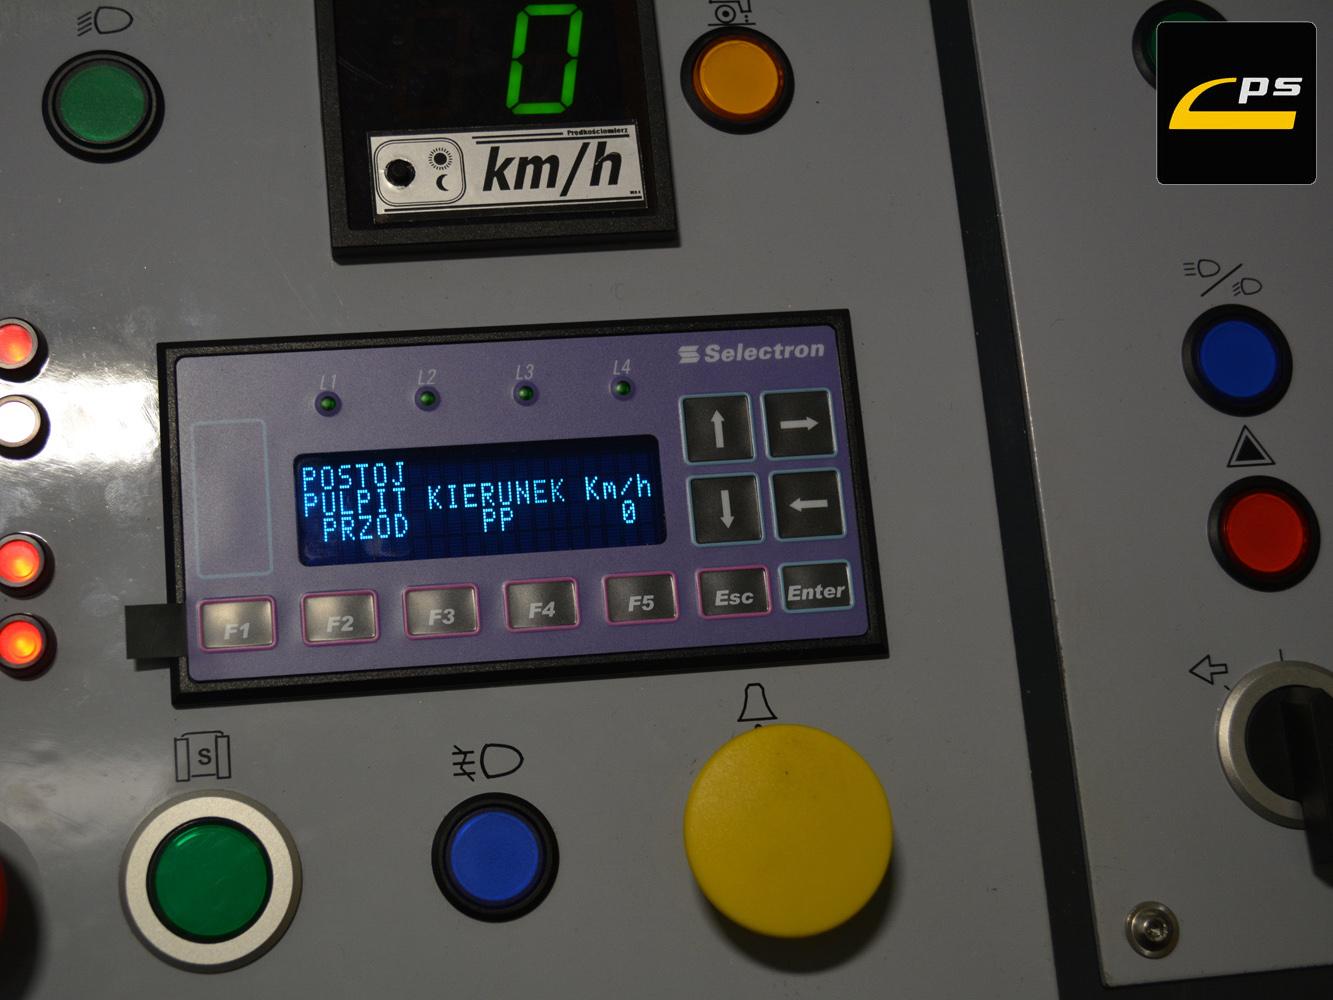 Odzwierciedlenie panelu komputera pokładowego